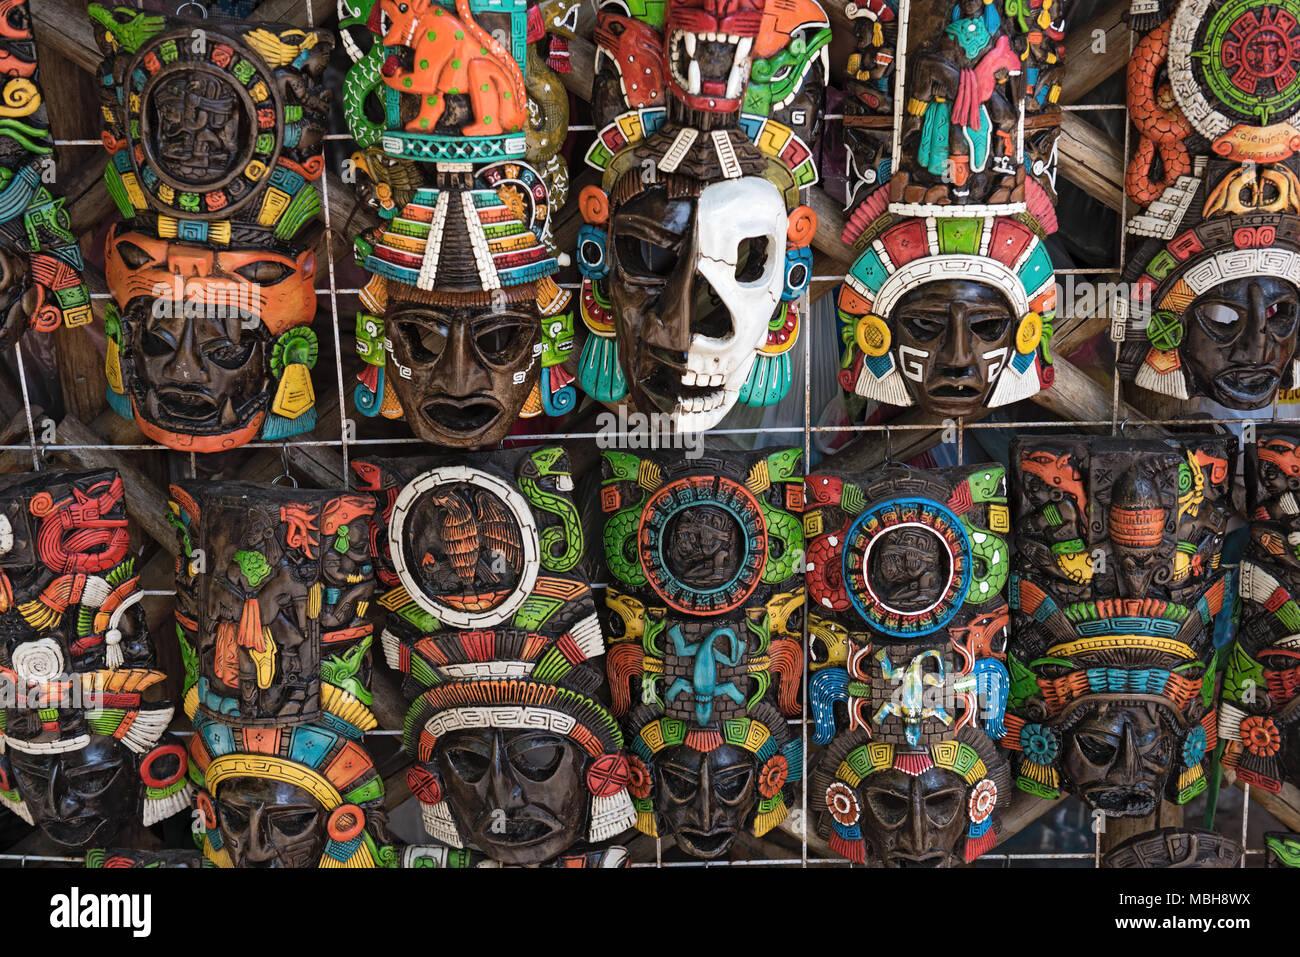 Farbigen hölzernen Masken am Souvenirstand in Chichen Itza, Yucatan, Mexiko Stockbild